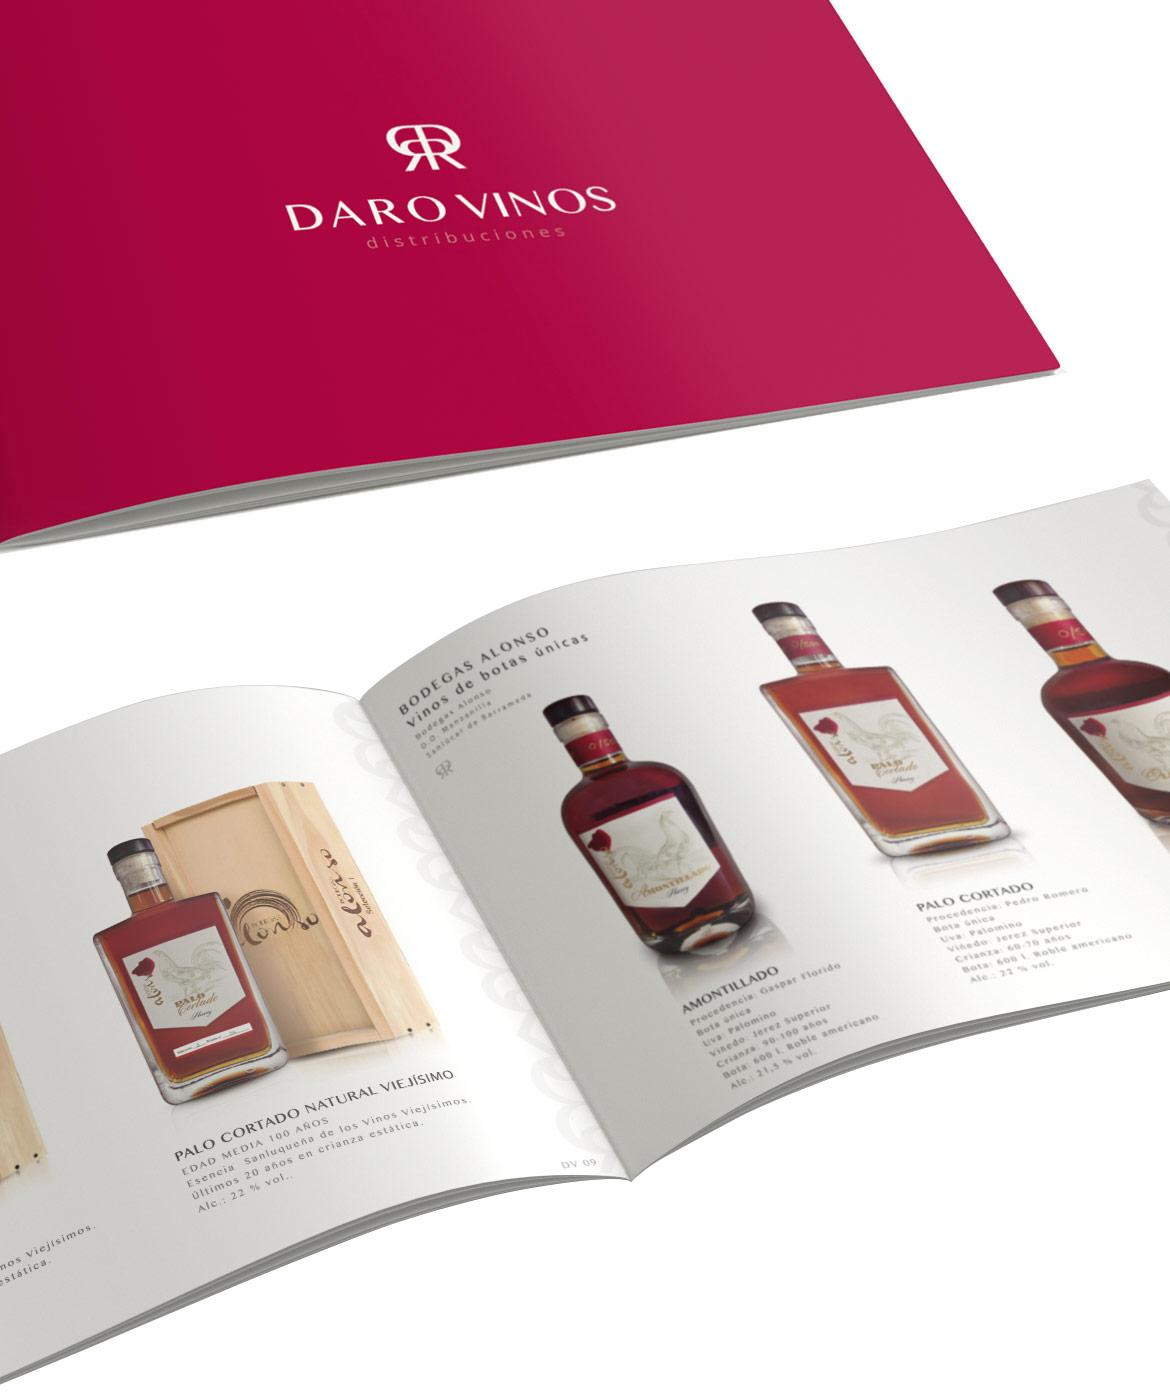 Daro Vinos DIstribuciones Catálogo de Vinos Cádiz El Puerto Santa María 2021